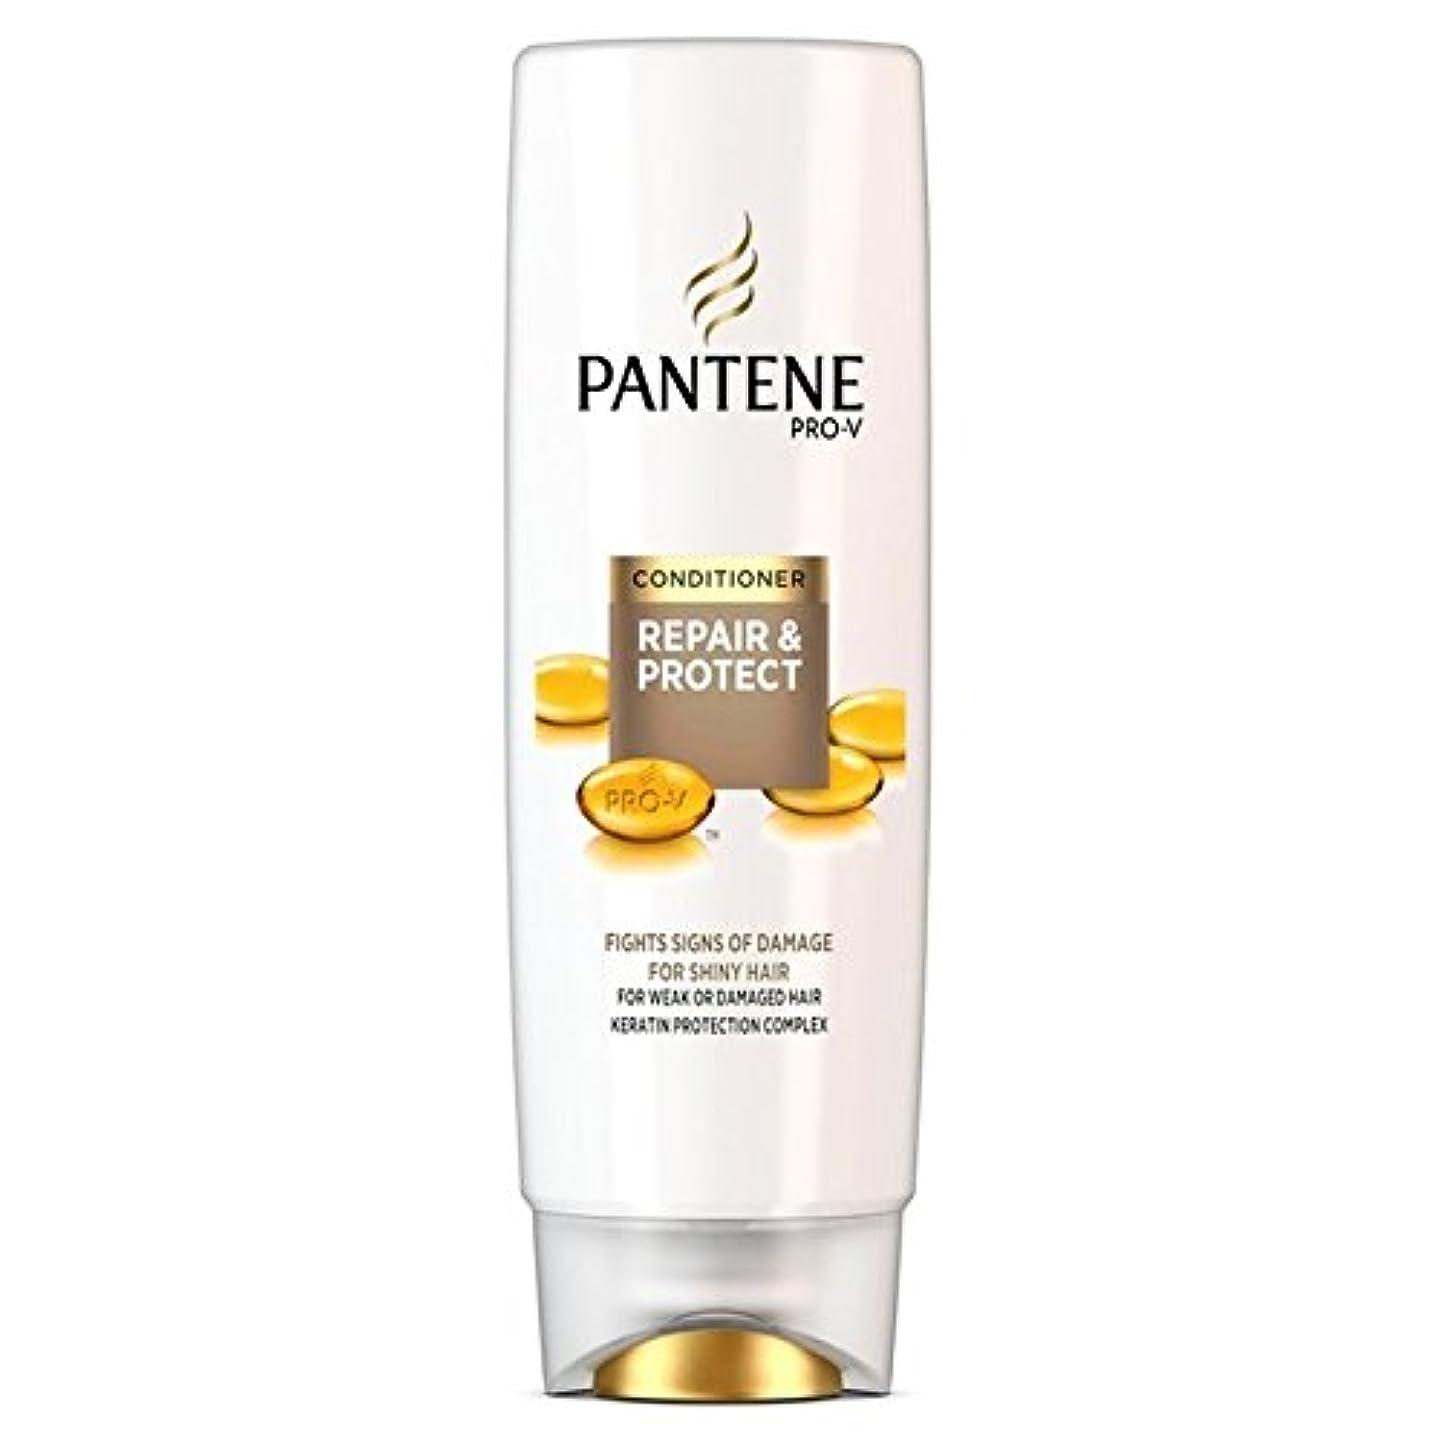 三角形抜け目のない議会Pantene Conditioner Repair & Protect For Weak Or Damaged Hair 250ml (Pack of 6) - パンテーンコンディショナーの修理&弱いか、傷んだ髪の250...